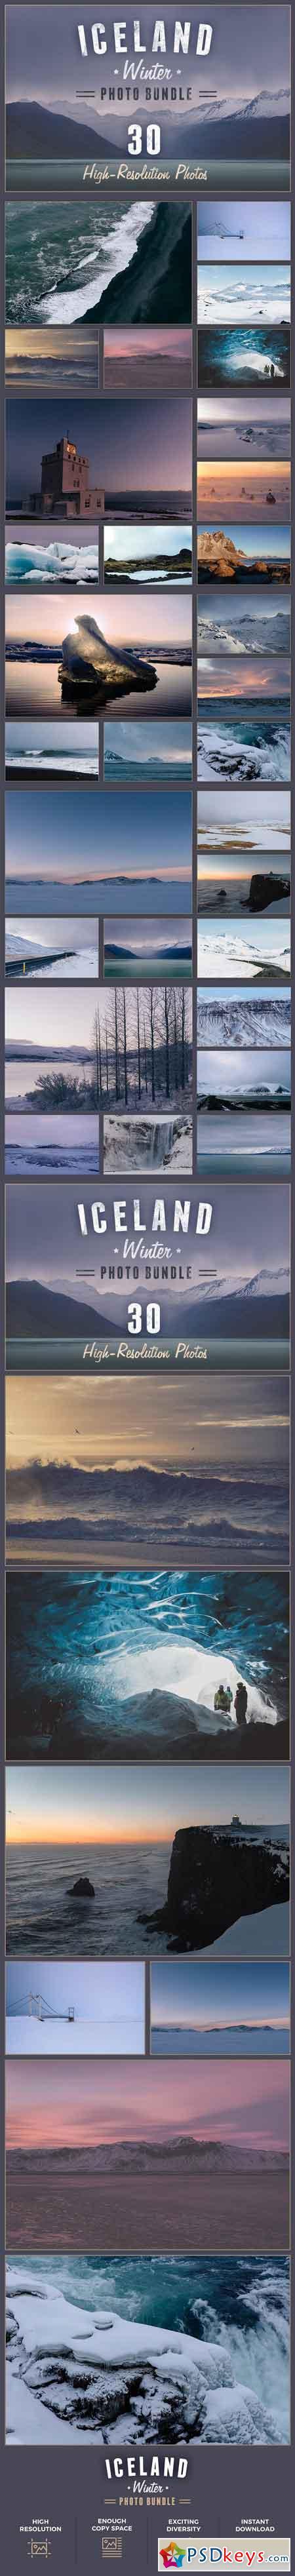 Iceland - Winter Photo Bundle 1152480